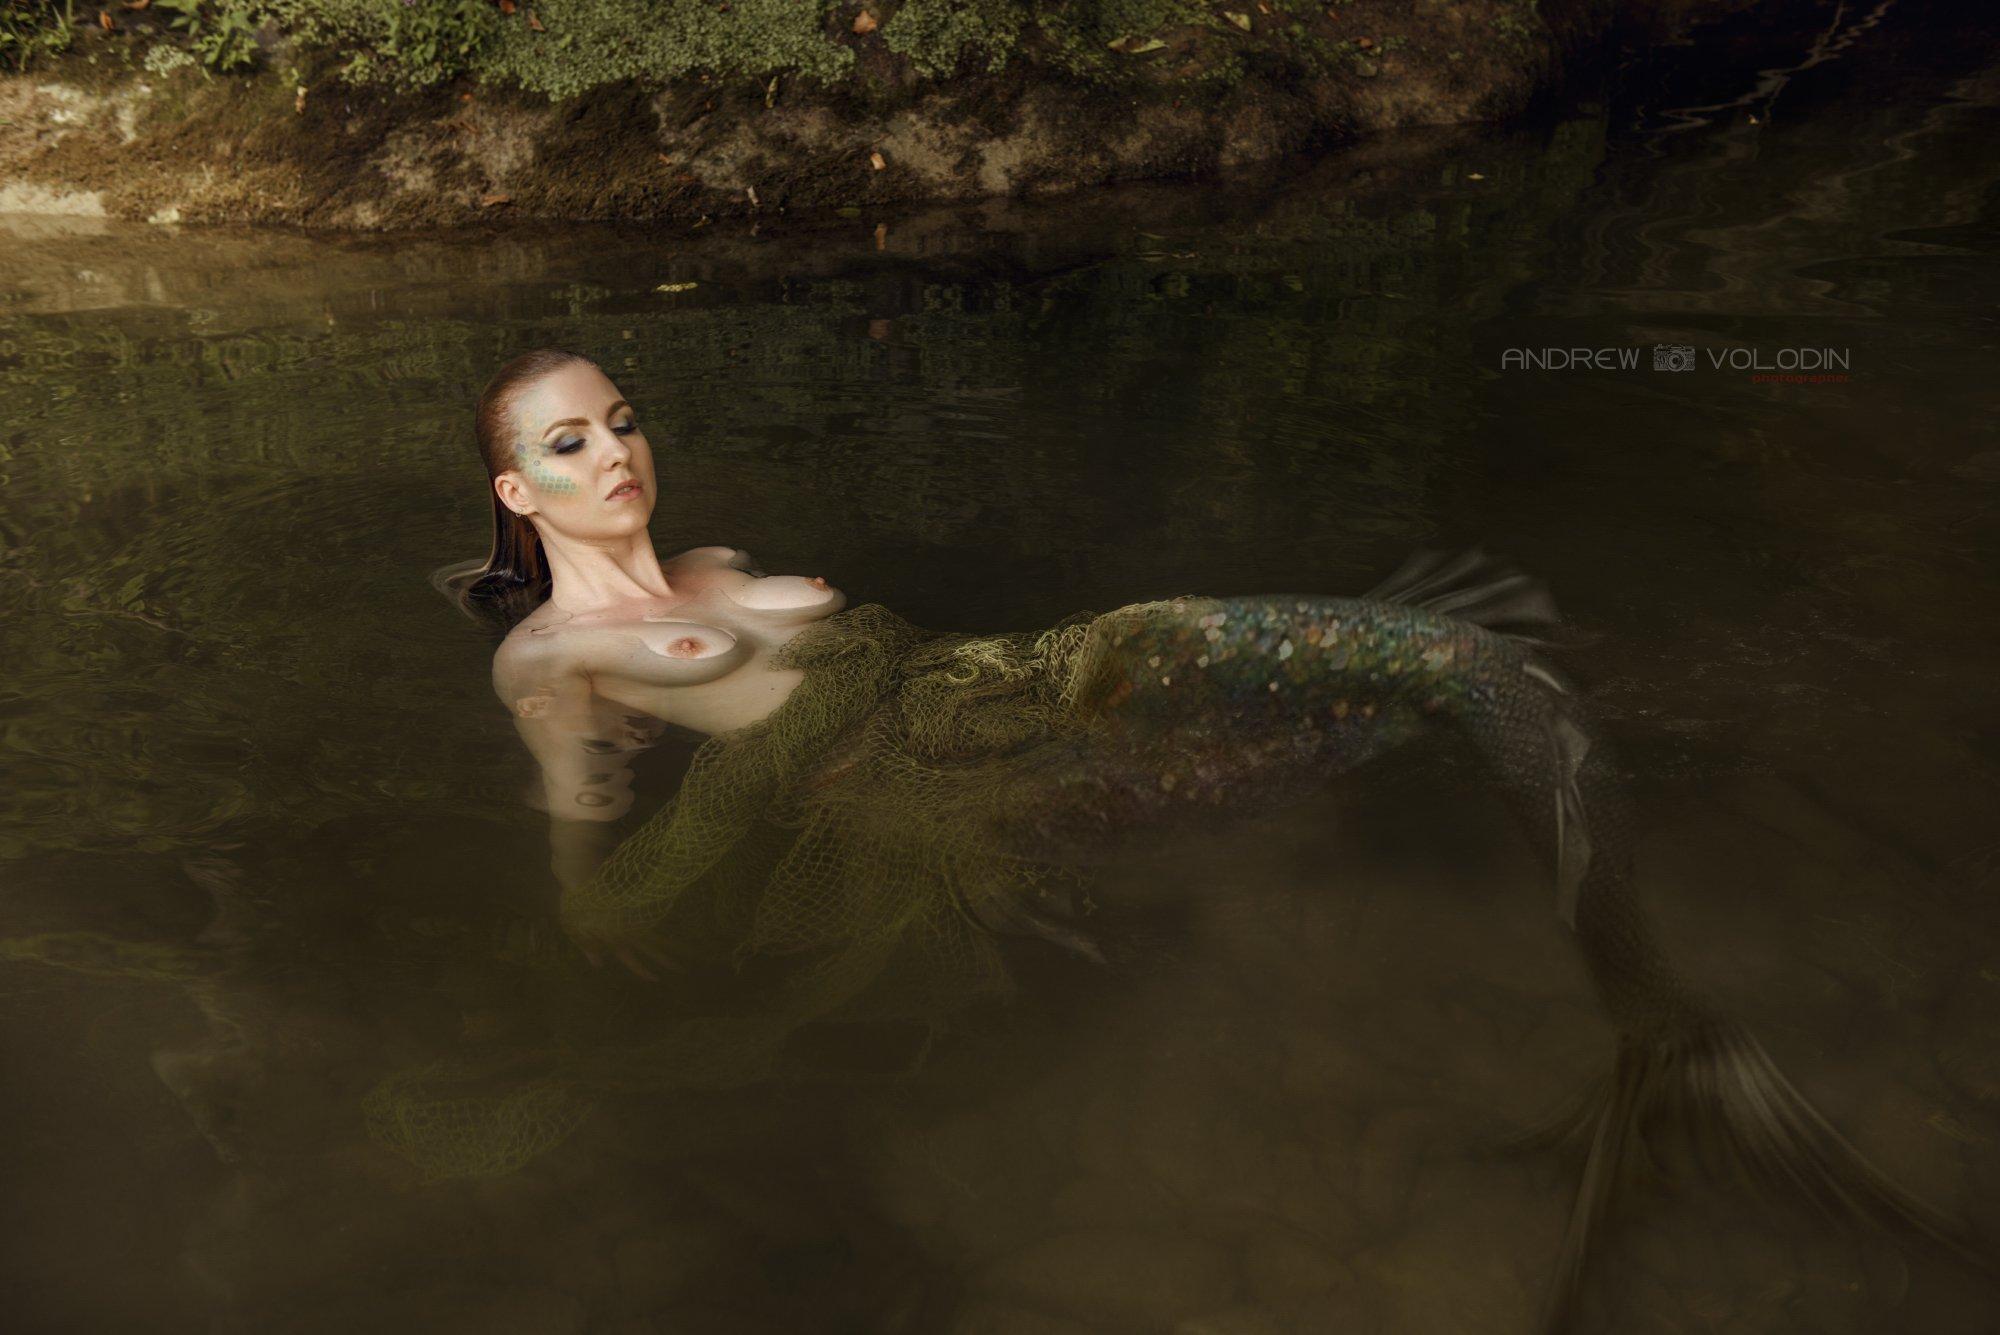 русалка хвост омут заводь вода красиво сказка, Андрей Володин